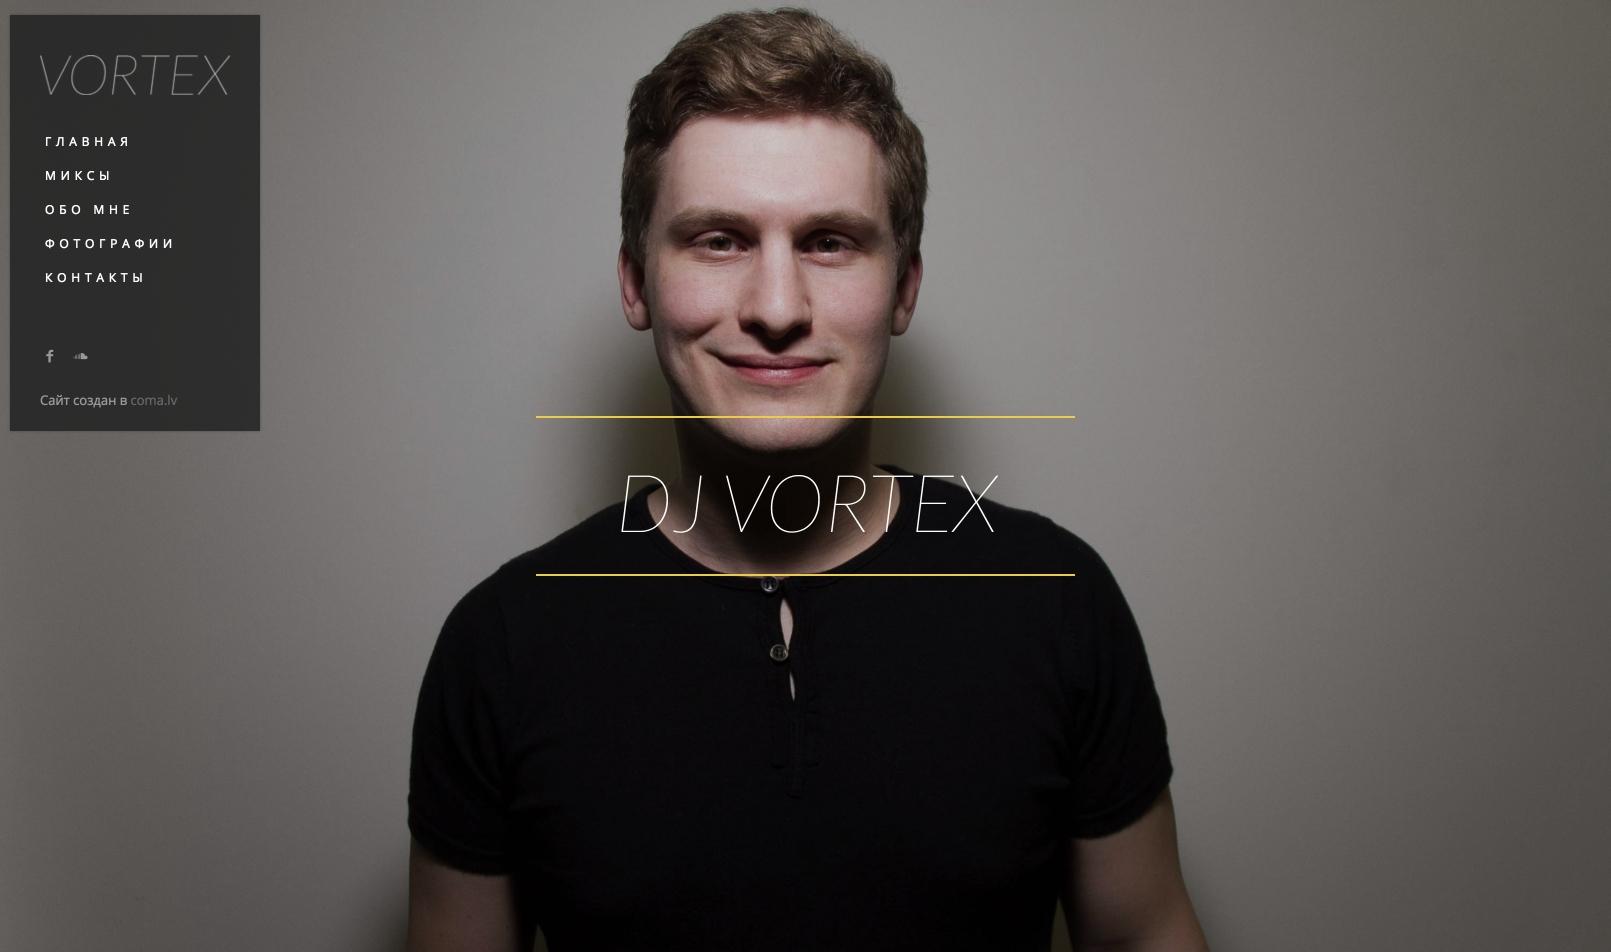 Создание сайта-визитки для DJ Vortex